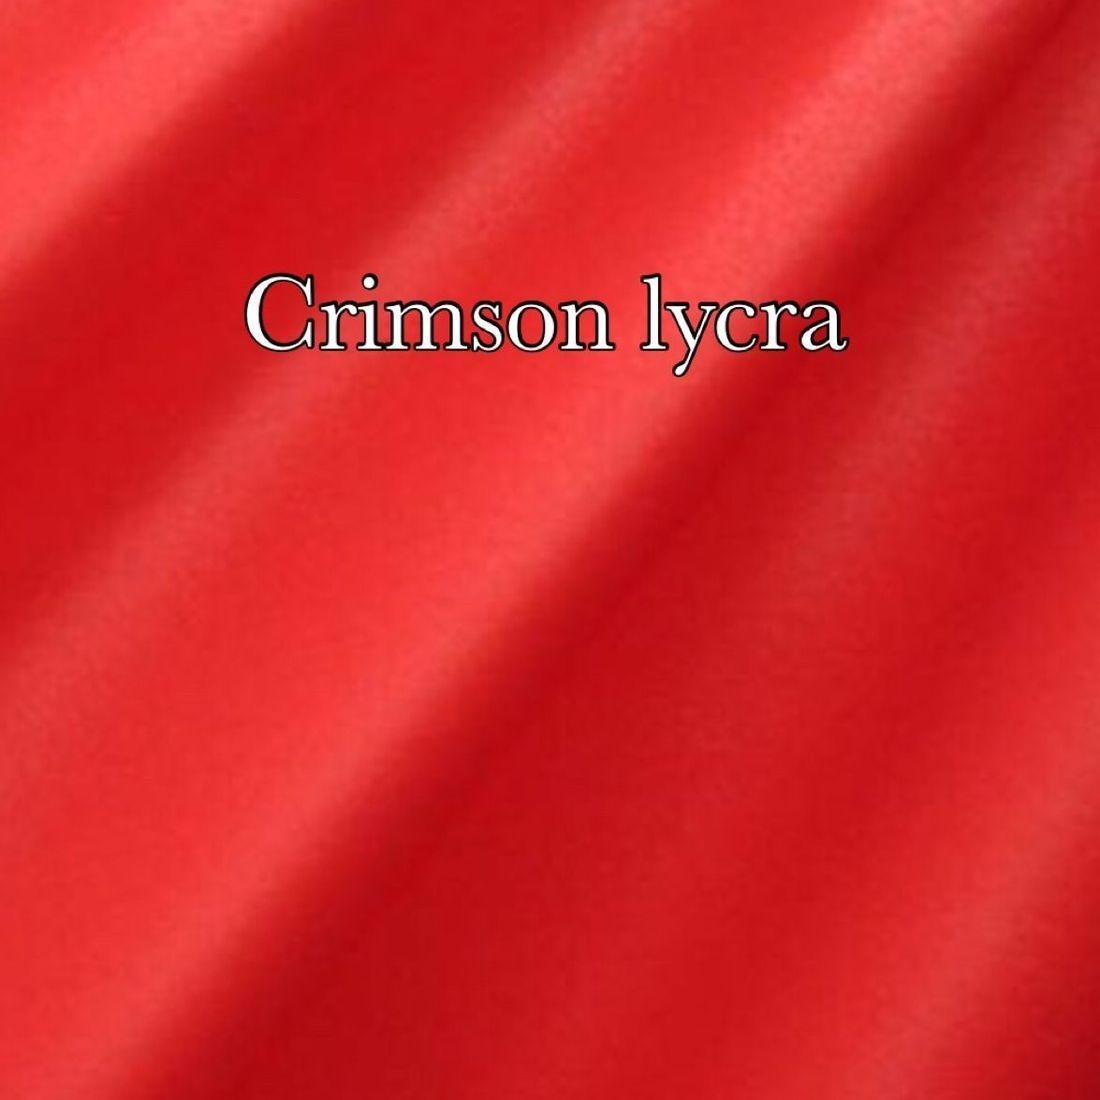 Crimson lycra